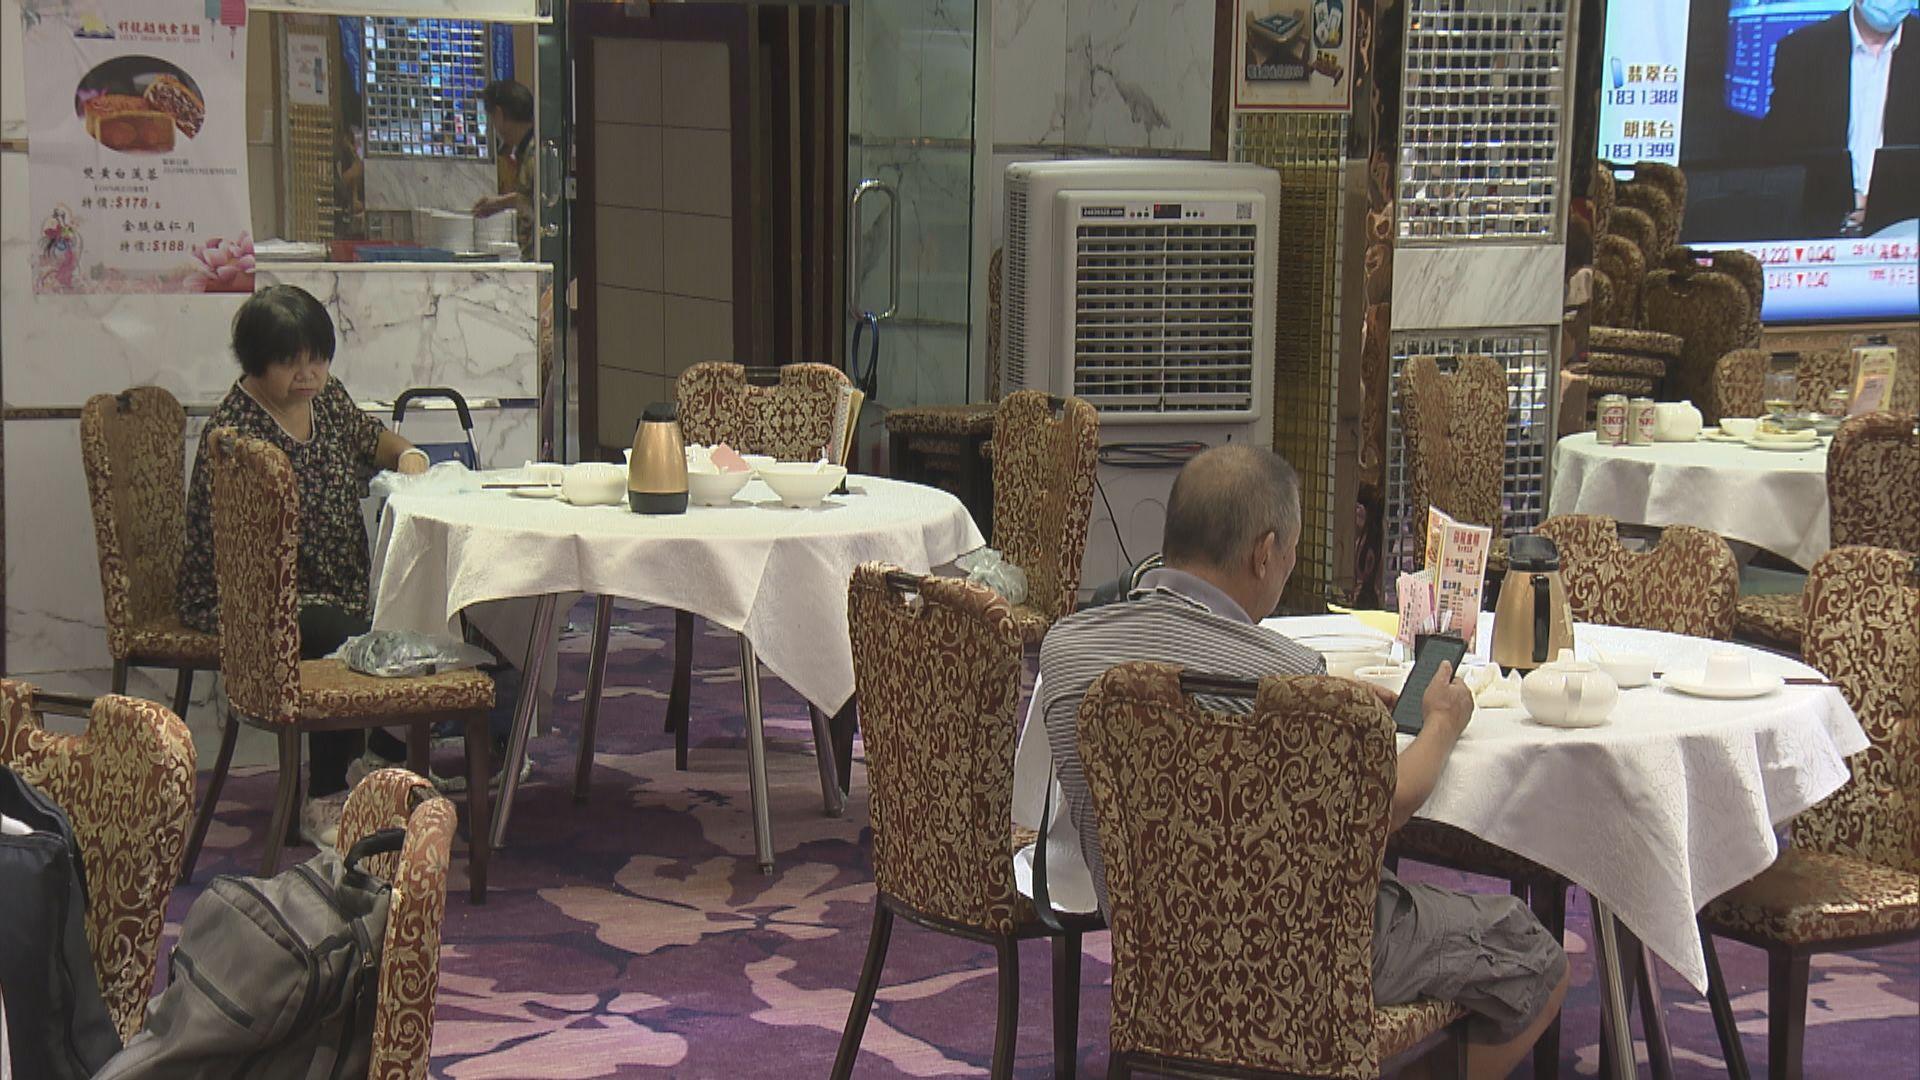 食肆限制再放寬 酒吧業界批仍未容許酒吧復業不合理